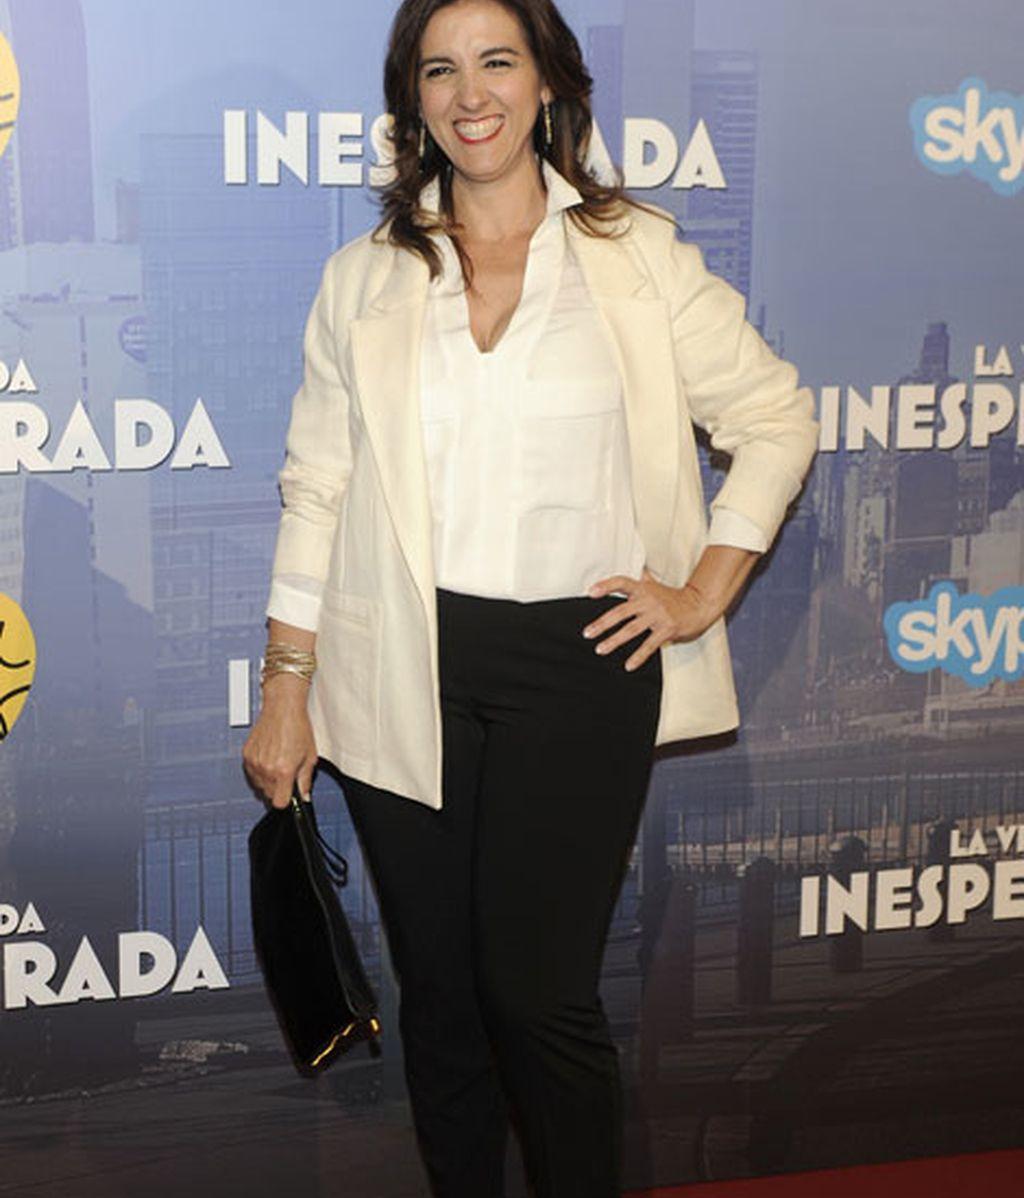 La actriz Llum Barrera fue otra de las asistentes